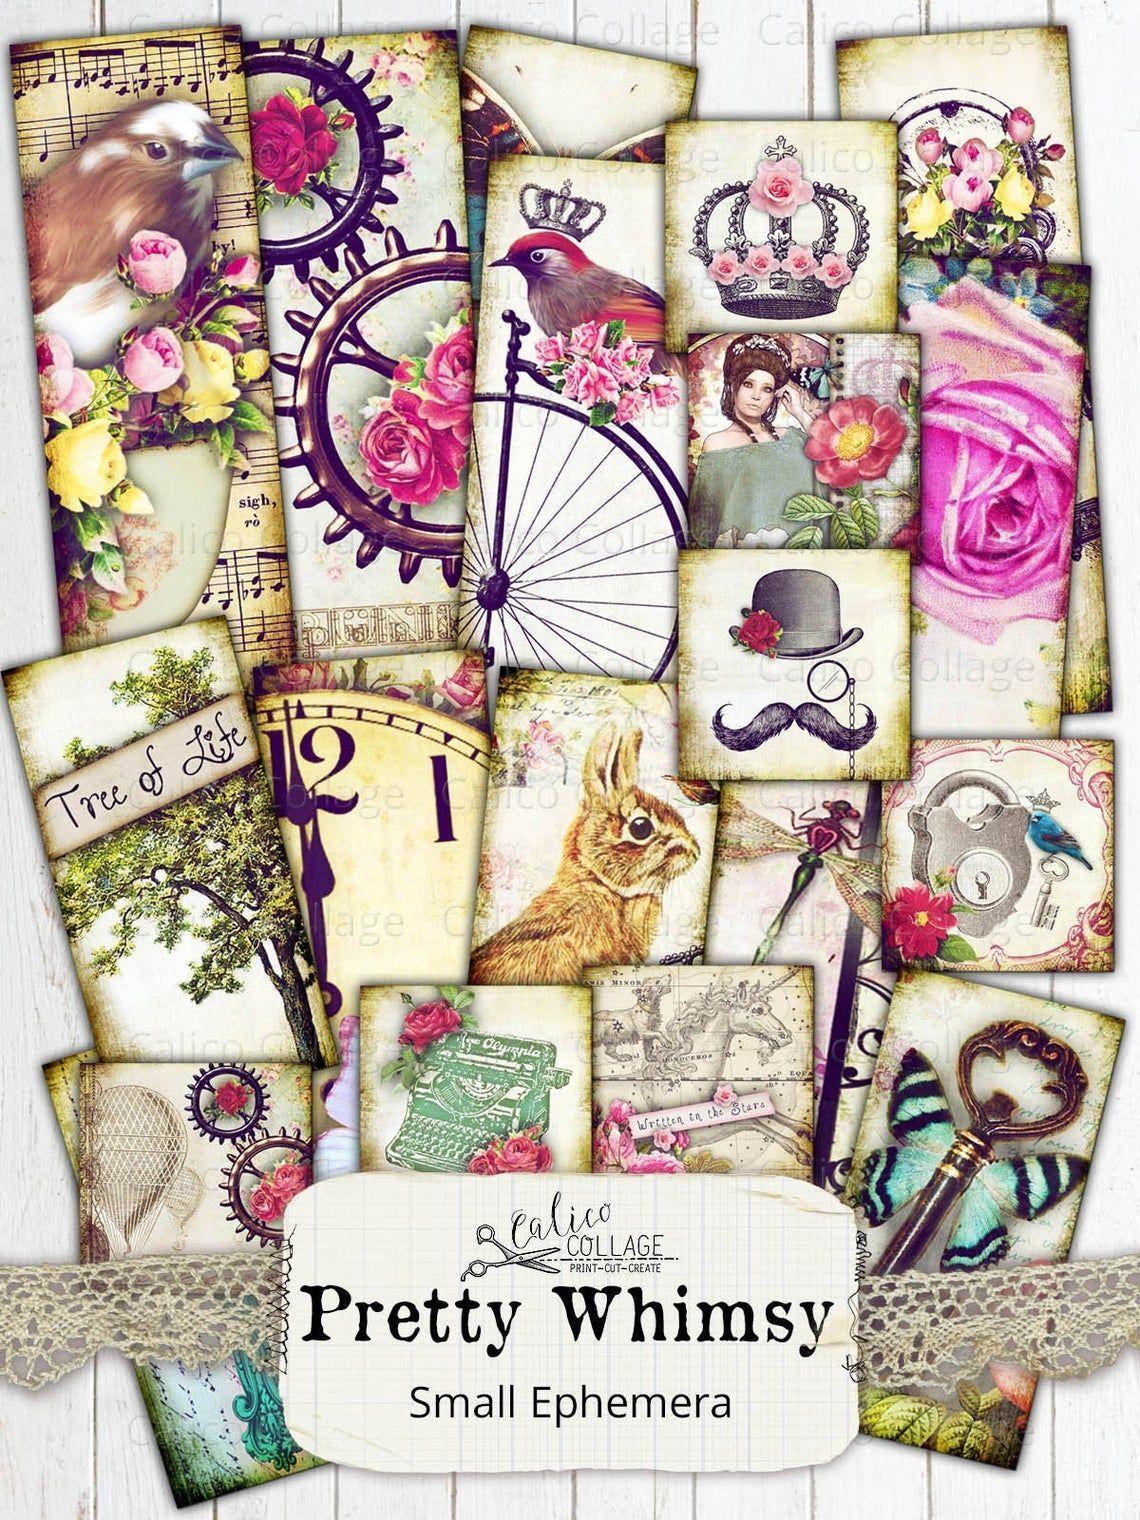 Journal Vintage Ephemera 13 Random ALCHEMY Cards Digital Collage Sheeet Download